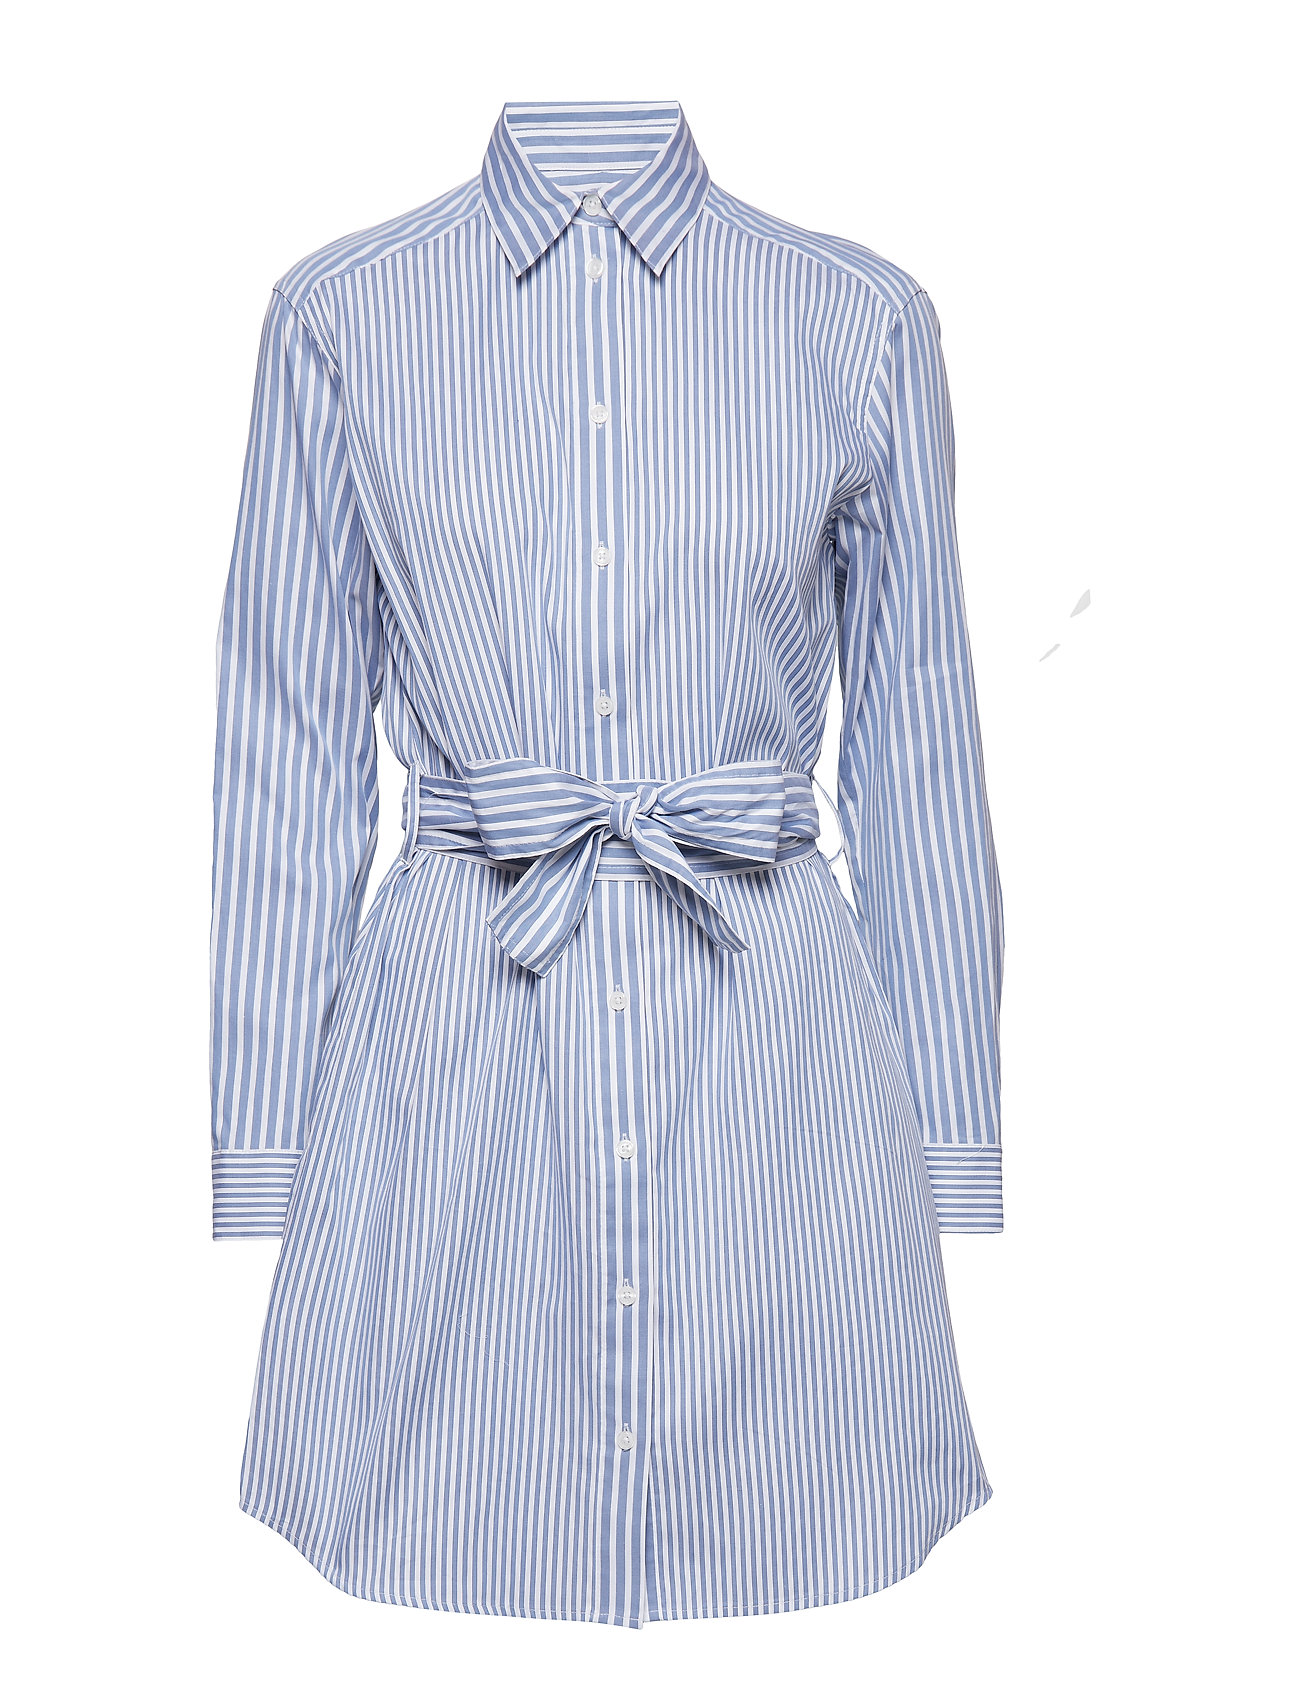 Image of Stripe Mix Shirt Dres Knælang Kjole Blå Michael Kors (3110999205)